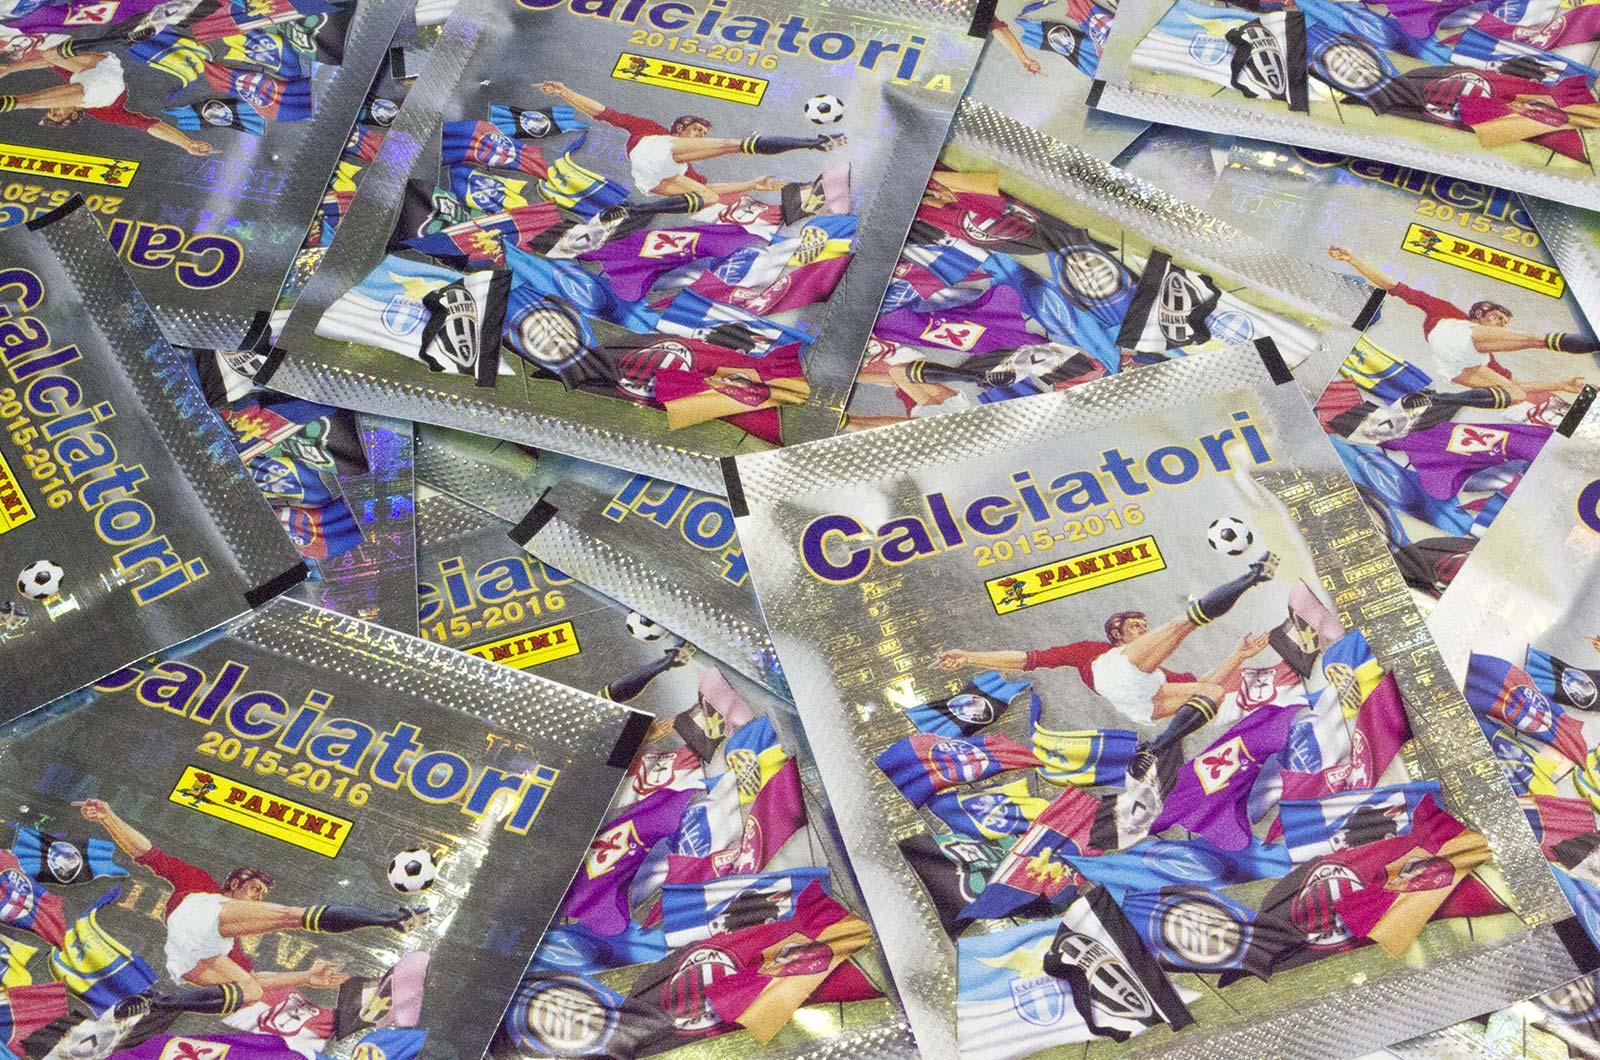 Calciatori2015-16